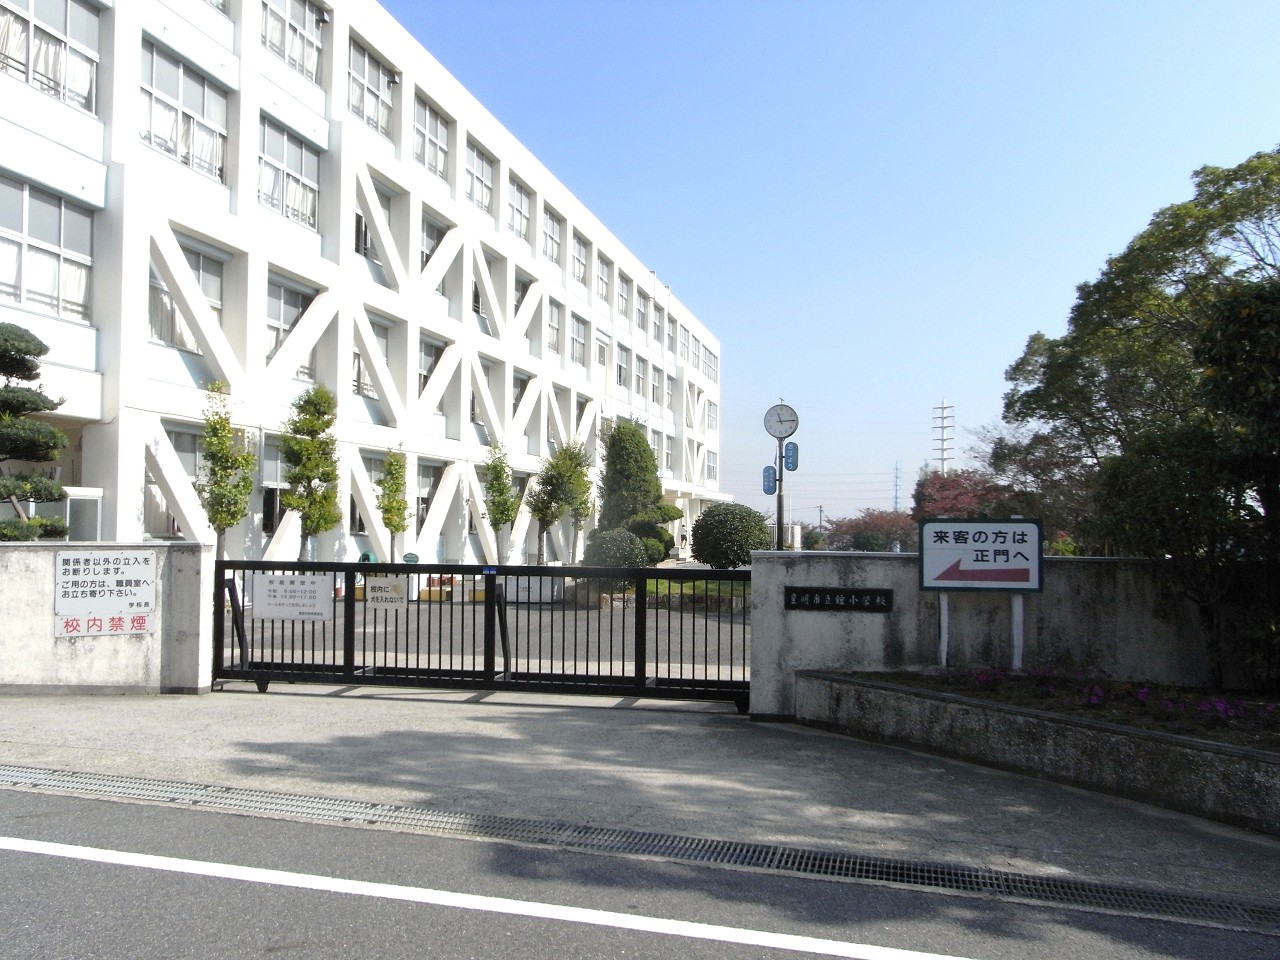 西尾市立矢田小学校